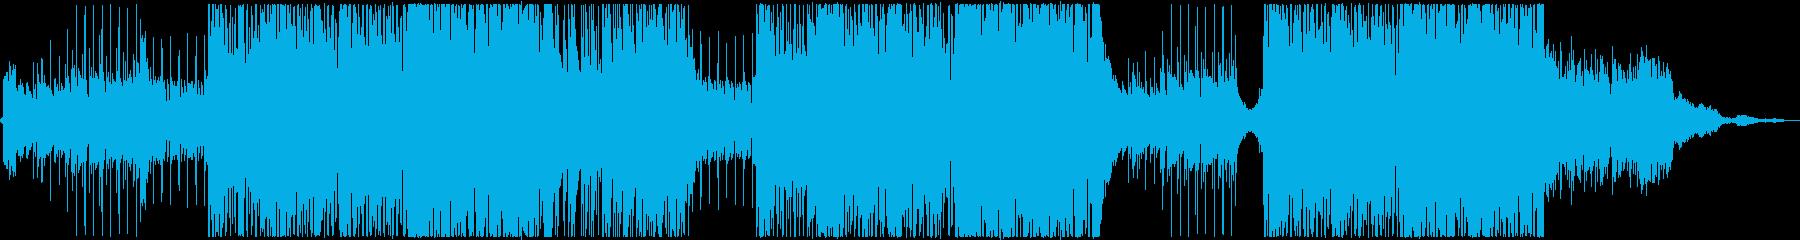 爽快で明るい夏のトロピカルハウス_ー1の再生済みの波形